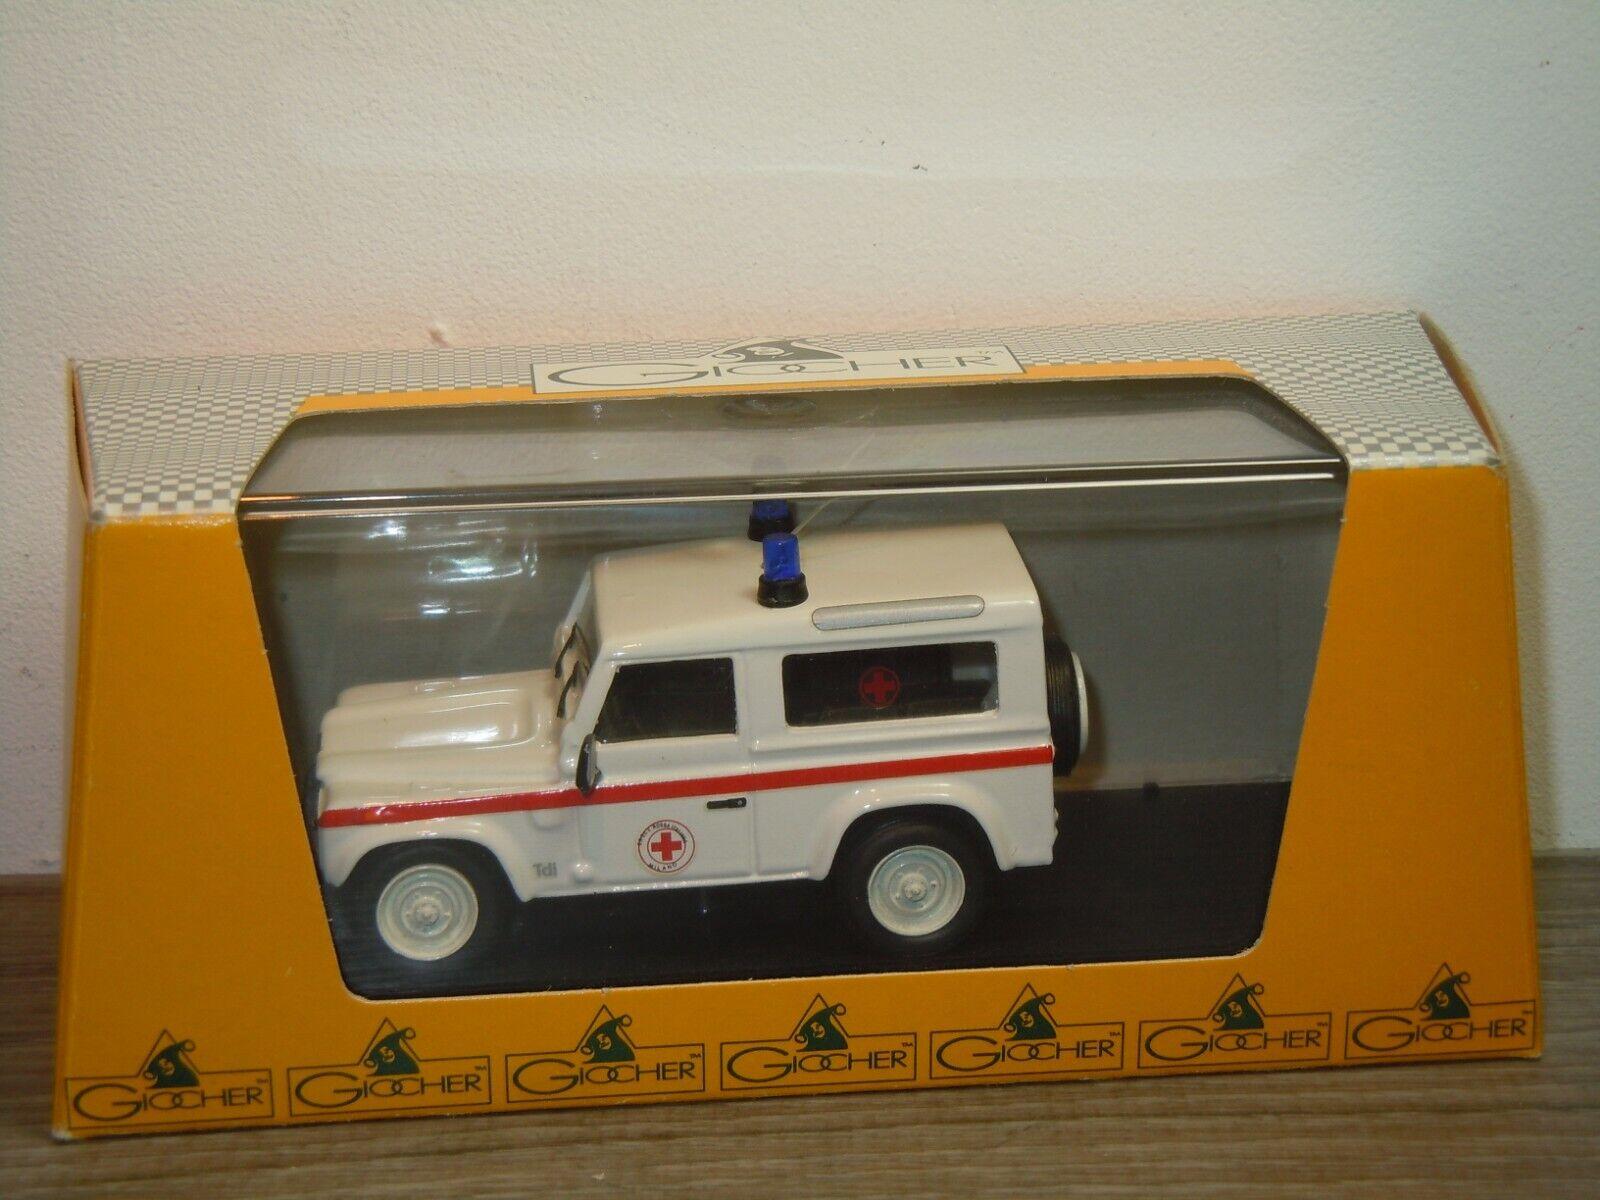 Land Rover Defender Croce Rossa - Giocher 1 43 in Box 36681